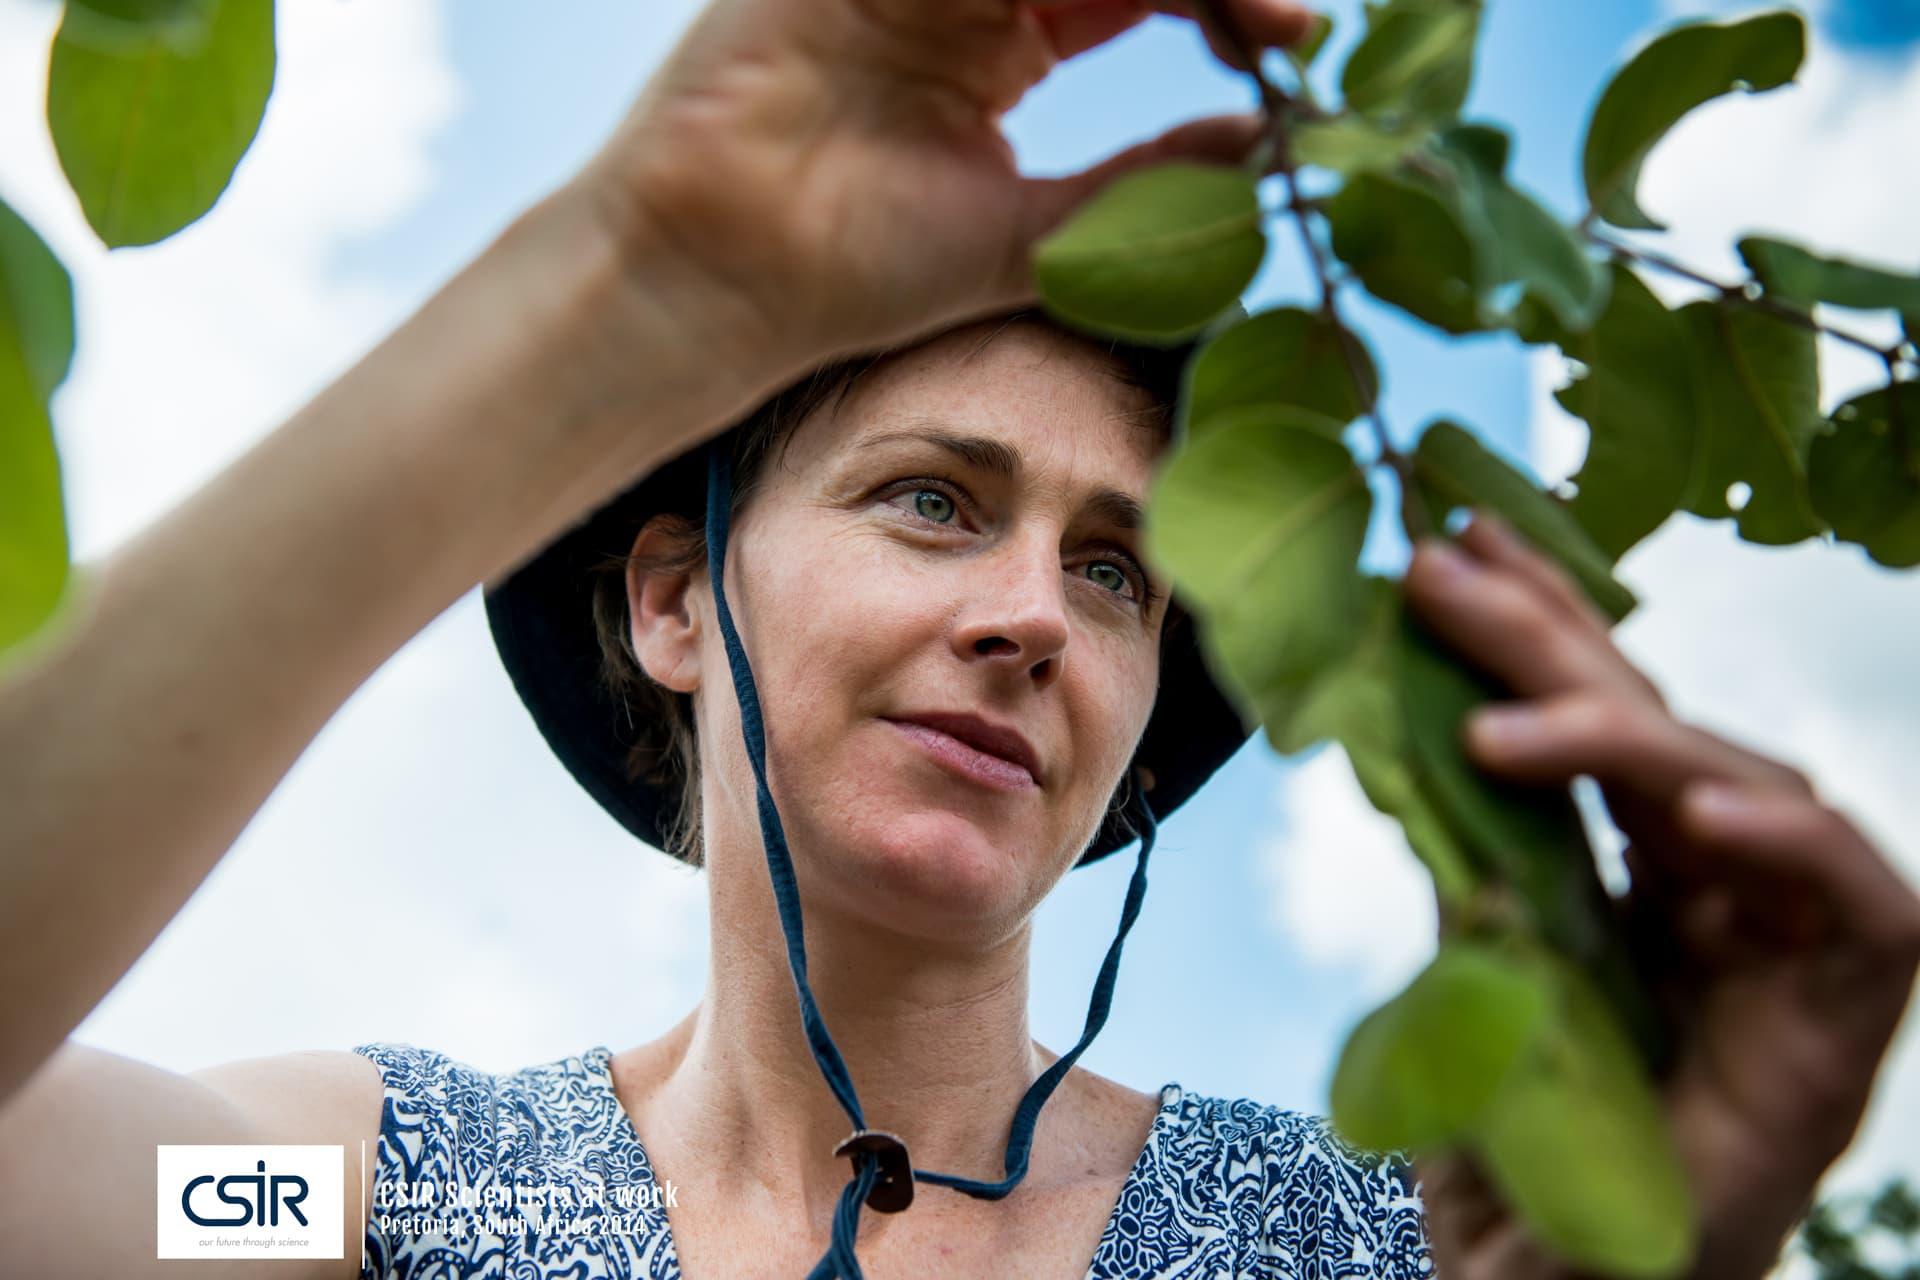 Women inspecting leaves in field